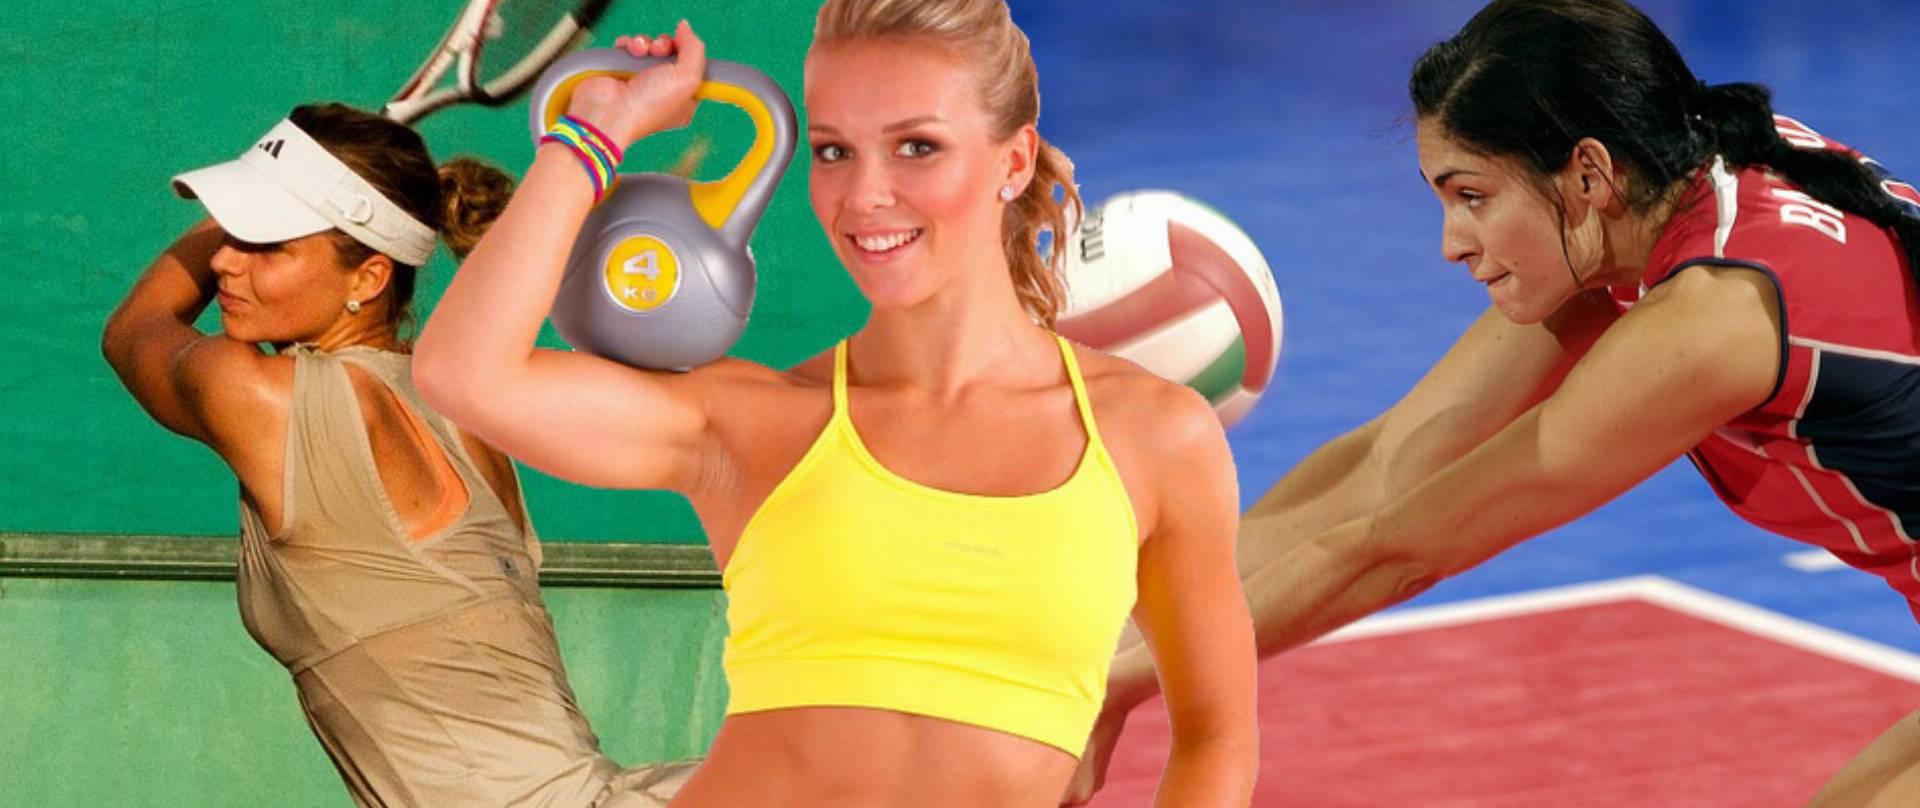 kosmetyki dla kobiet uprawiających sport